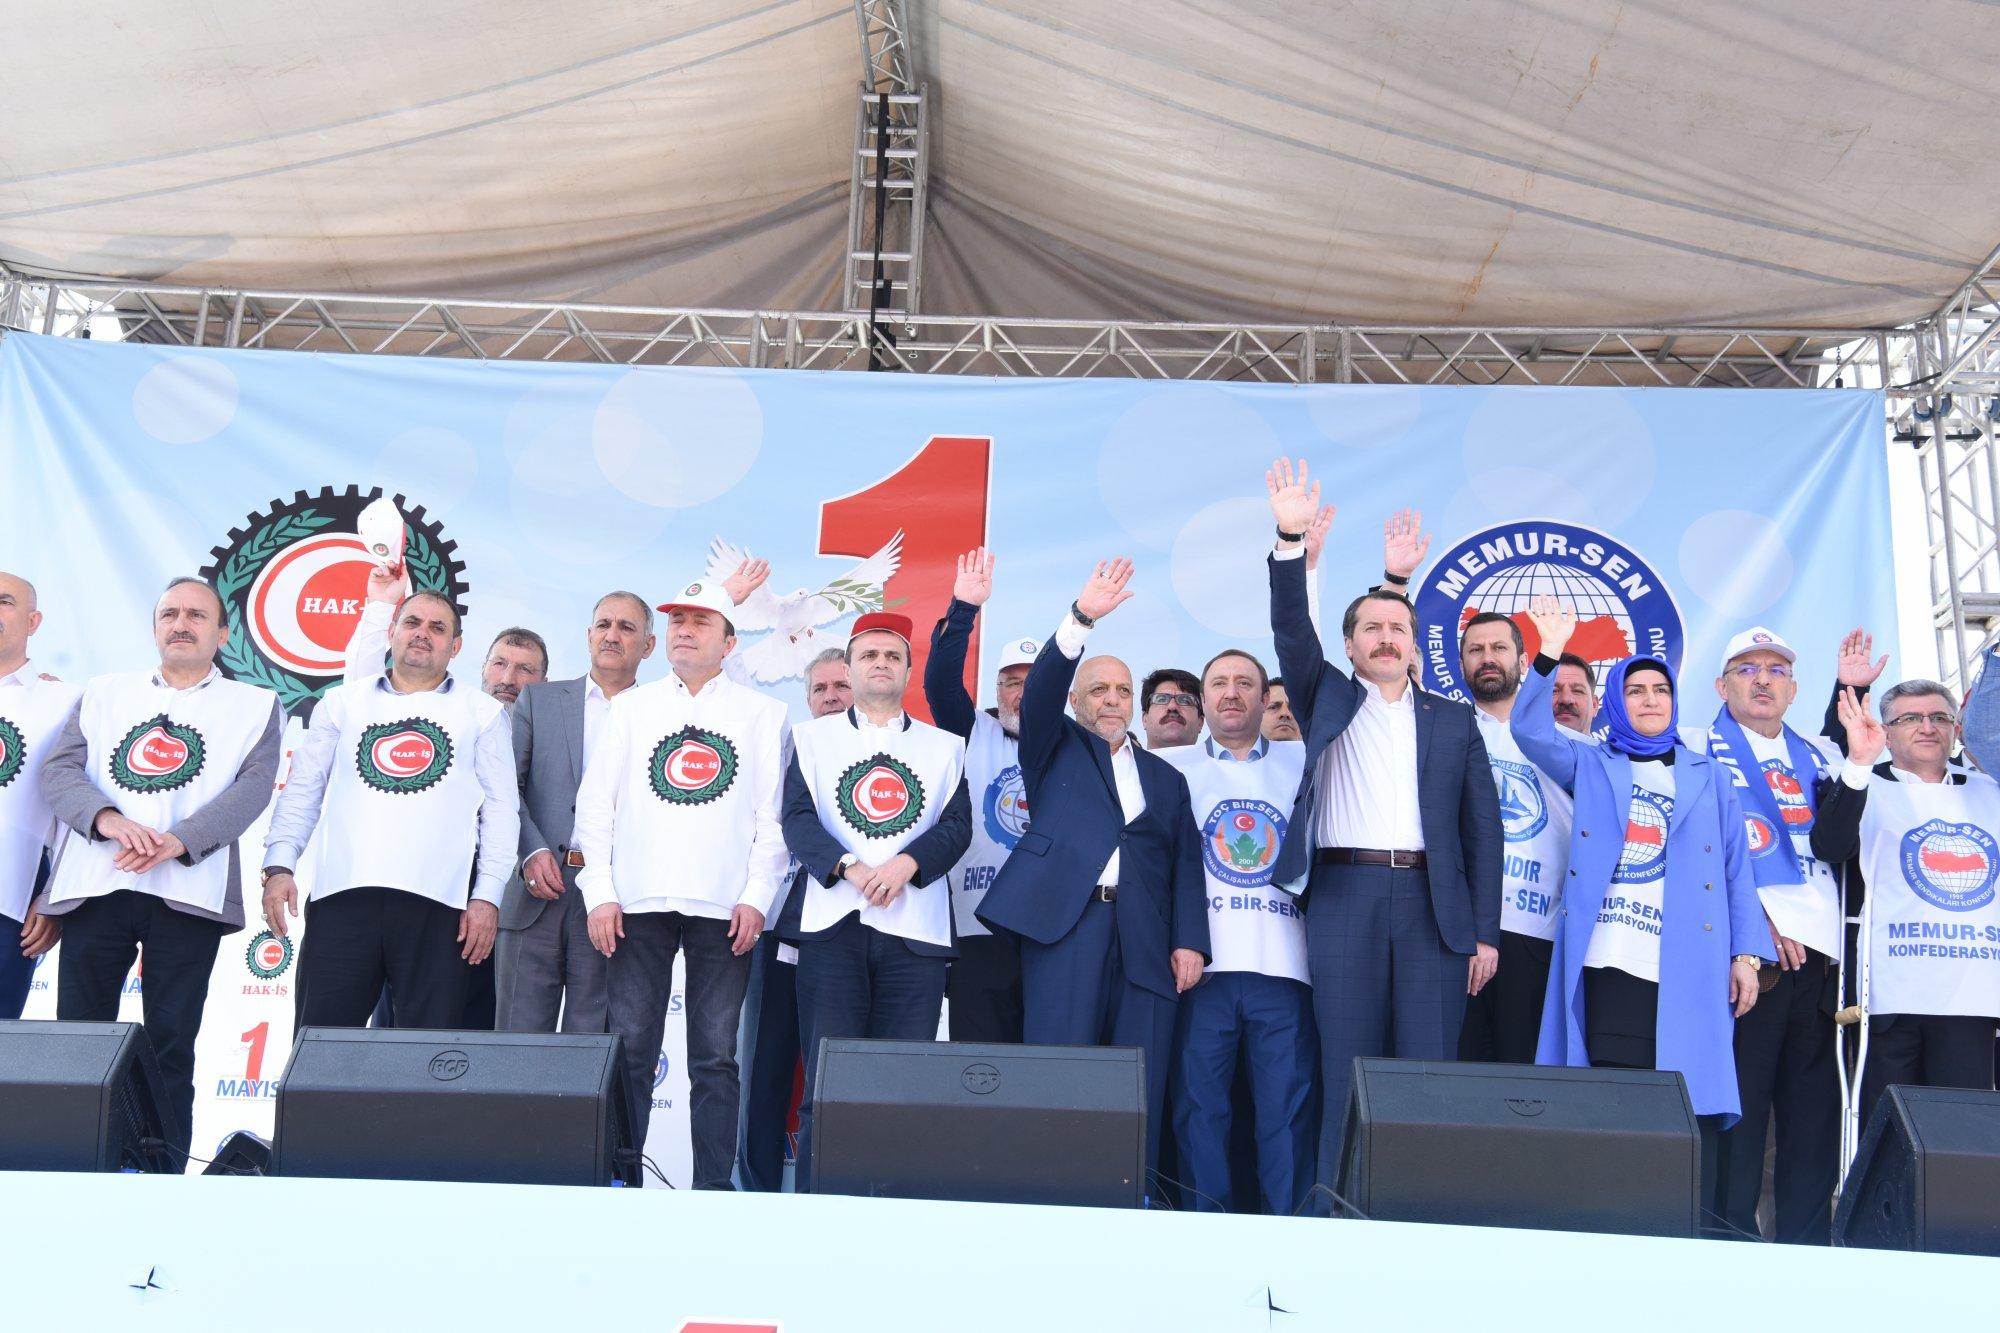 1 MAYIS'TA ALANLARDAYDIK  ŞANLIURFA'DA İSTANBUL'DA, BOLU'DA VE TÜM TÜRKİYE'DE